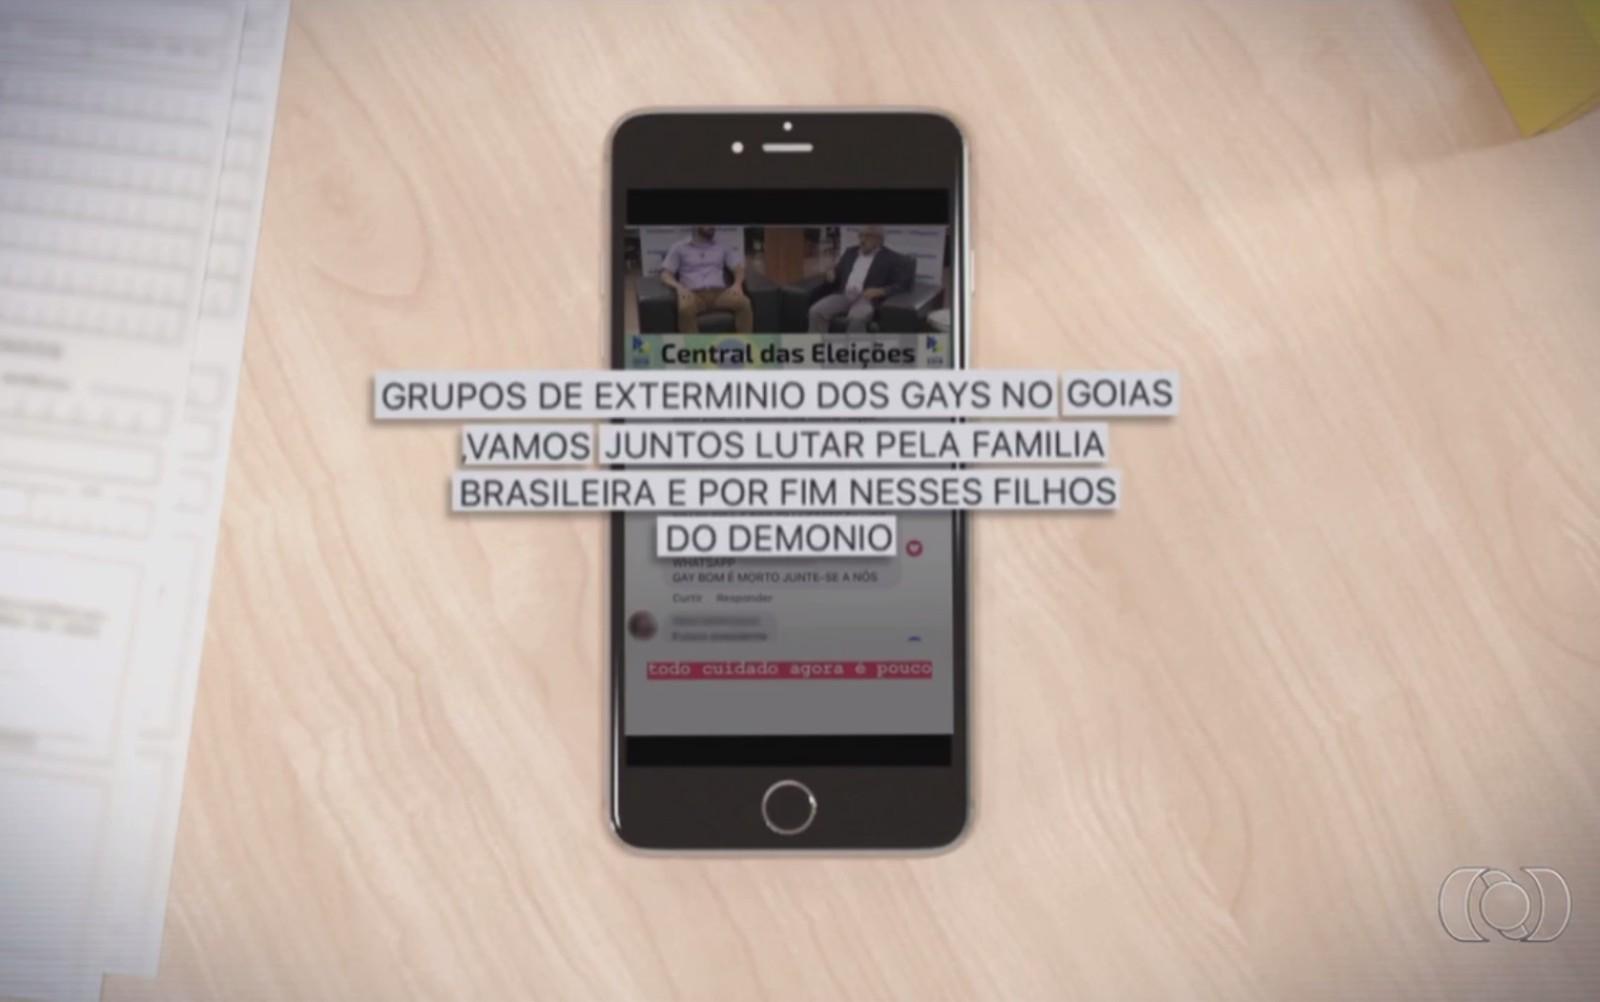 Mensagem em rede social cita de grupos de extermínio contra pessoas LGBT. (Foto: Reprodução/ TV Anhanguera)